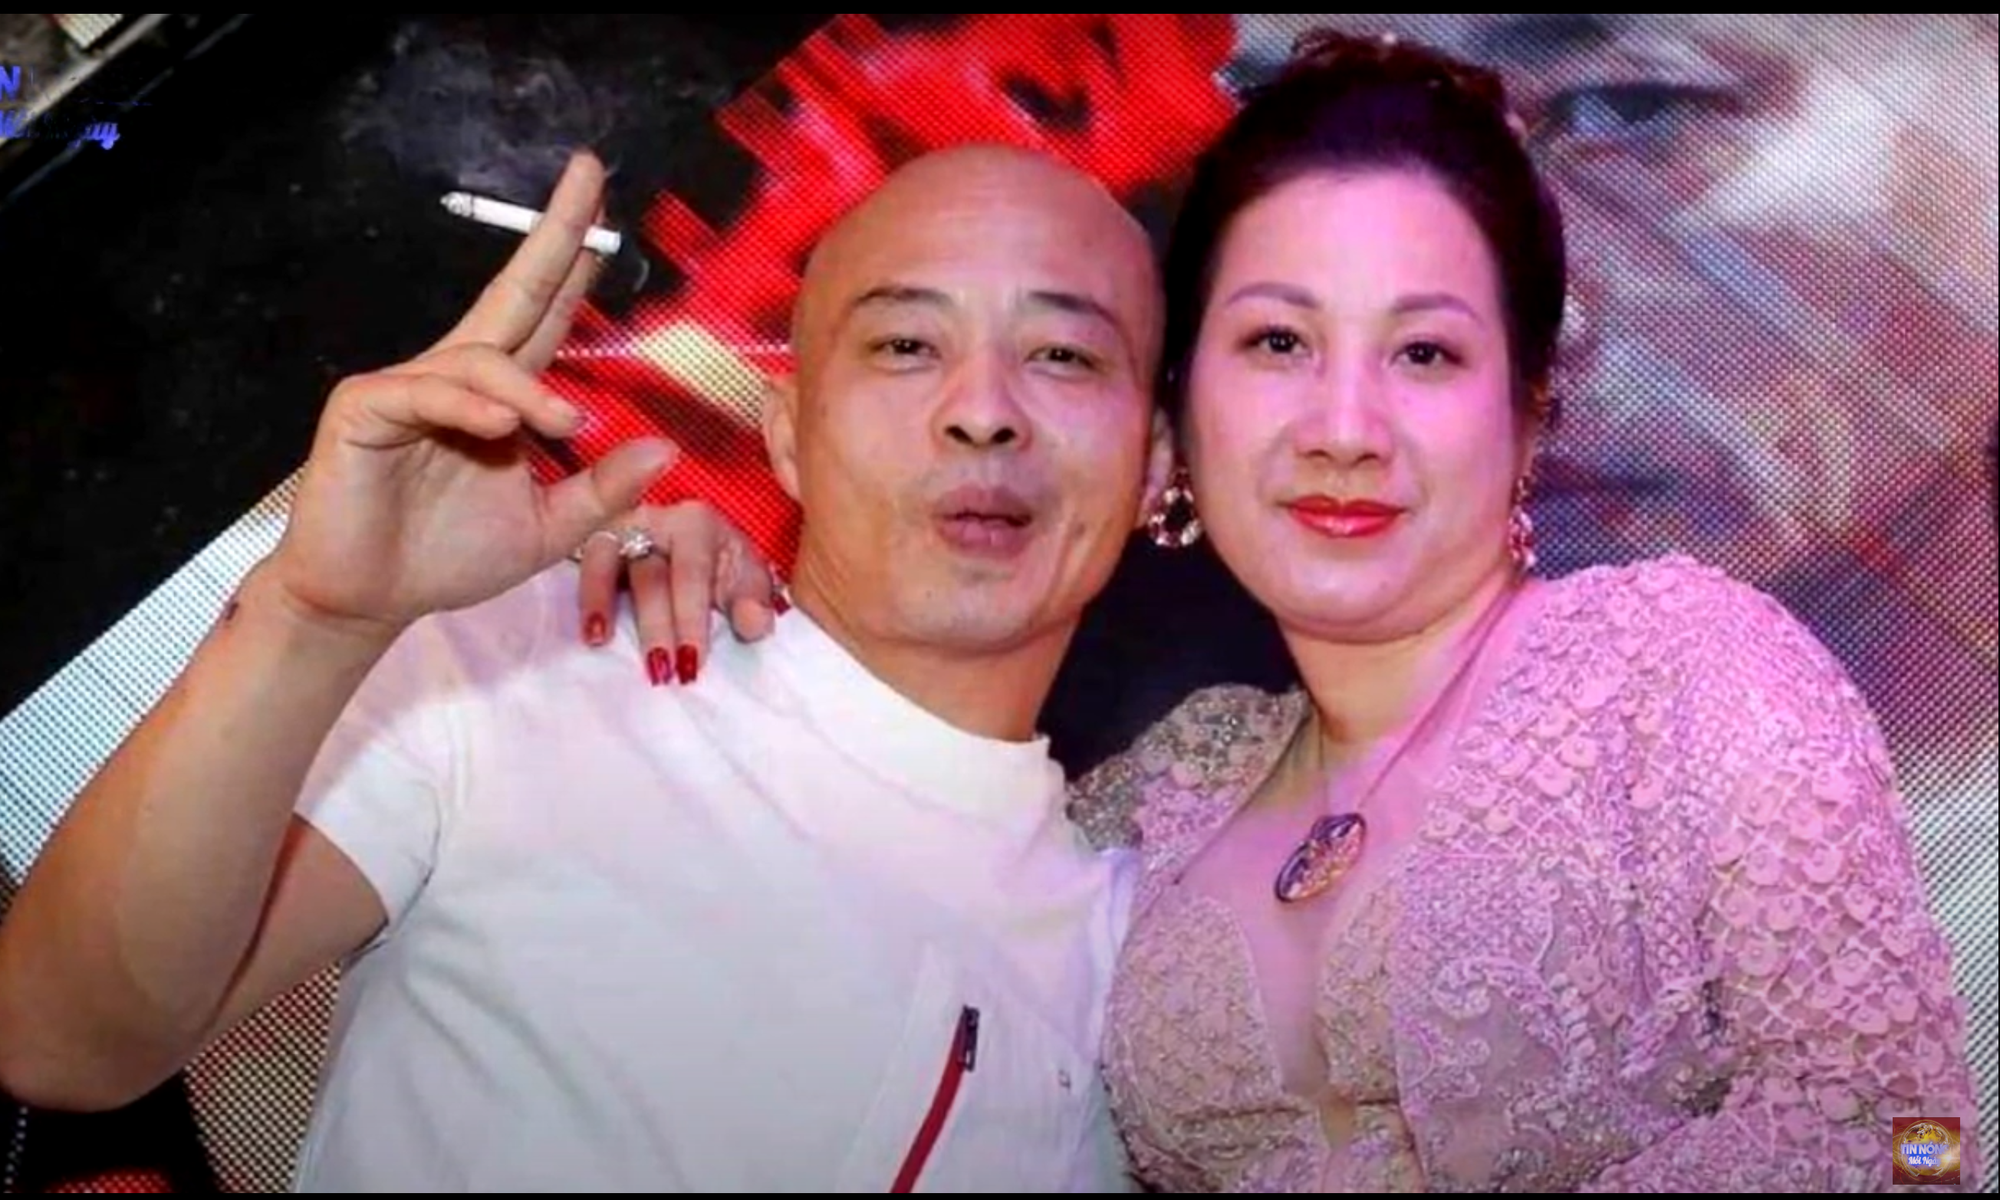 Giám đốc sửa kết quả đấu giá đất cho vợ Đường 'Nhuệ' vì 'nể tình chị em'? - Ảnh 1.